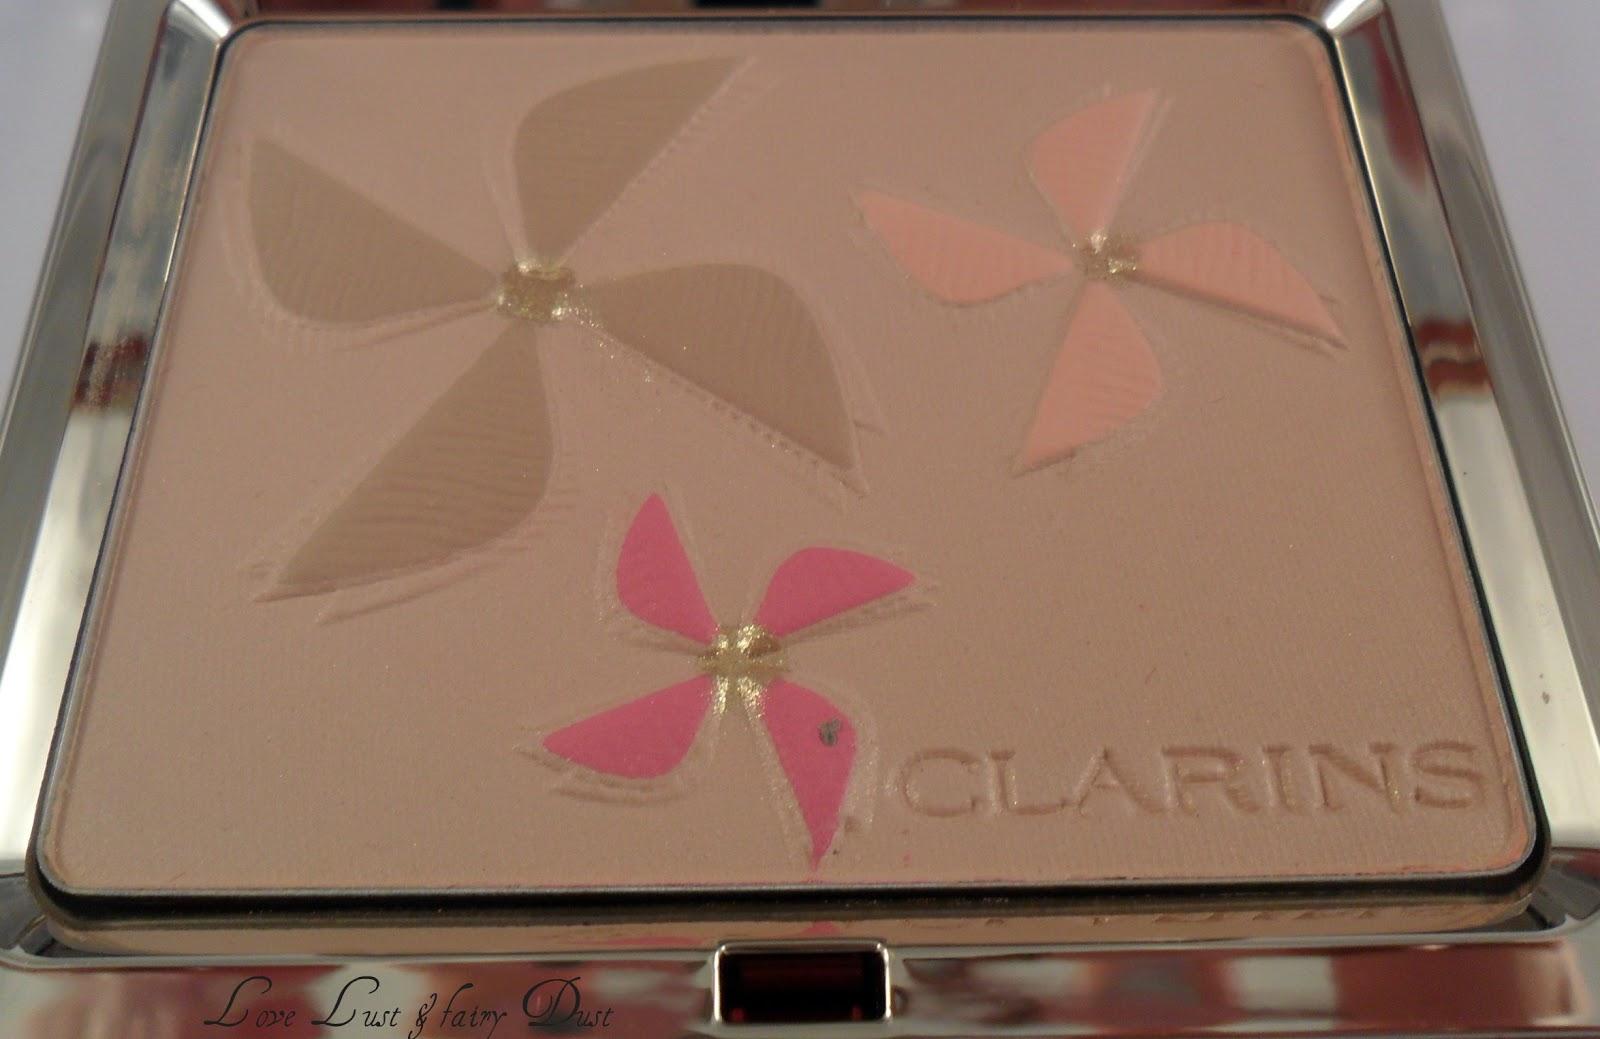 Clarins Colour Breeze Face and Blush Palette